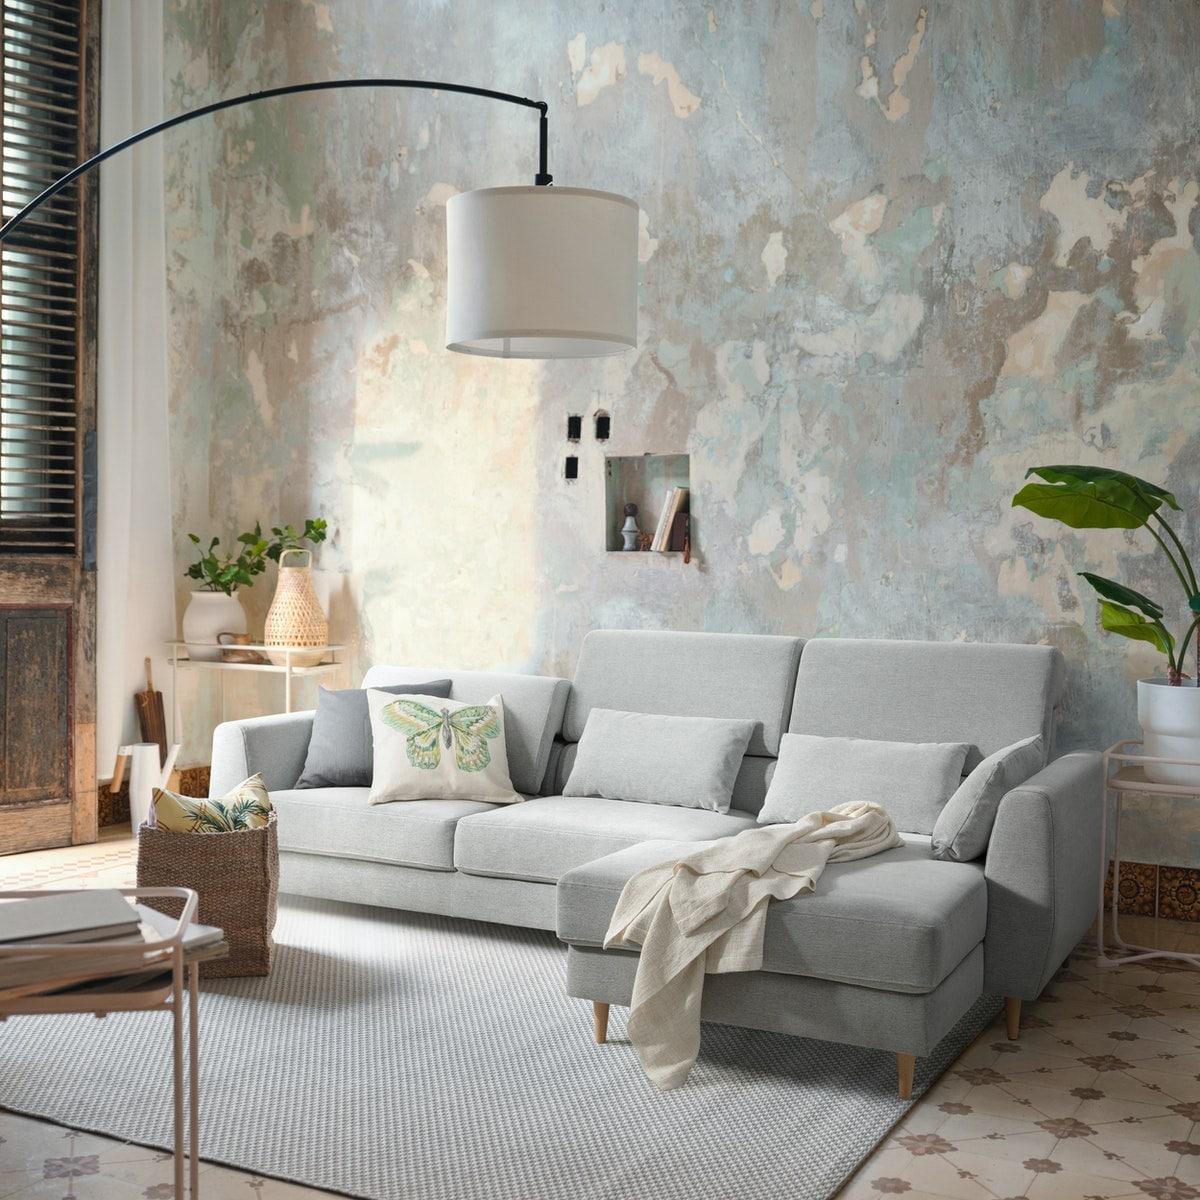 Ensemble de meubles RÅVAROR: tables, divan et unités de rangement disposés contre un mur en zinc couleur bleu canard.